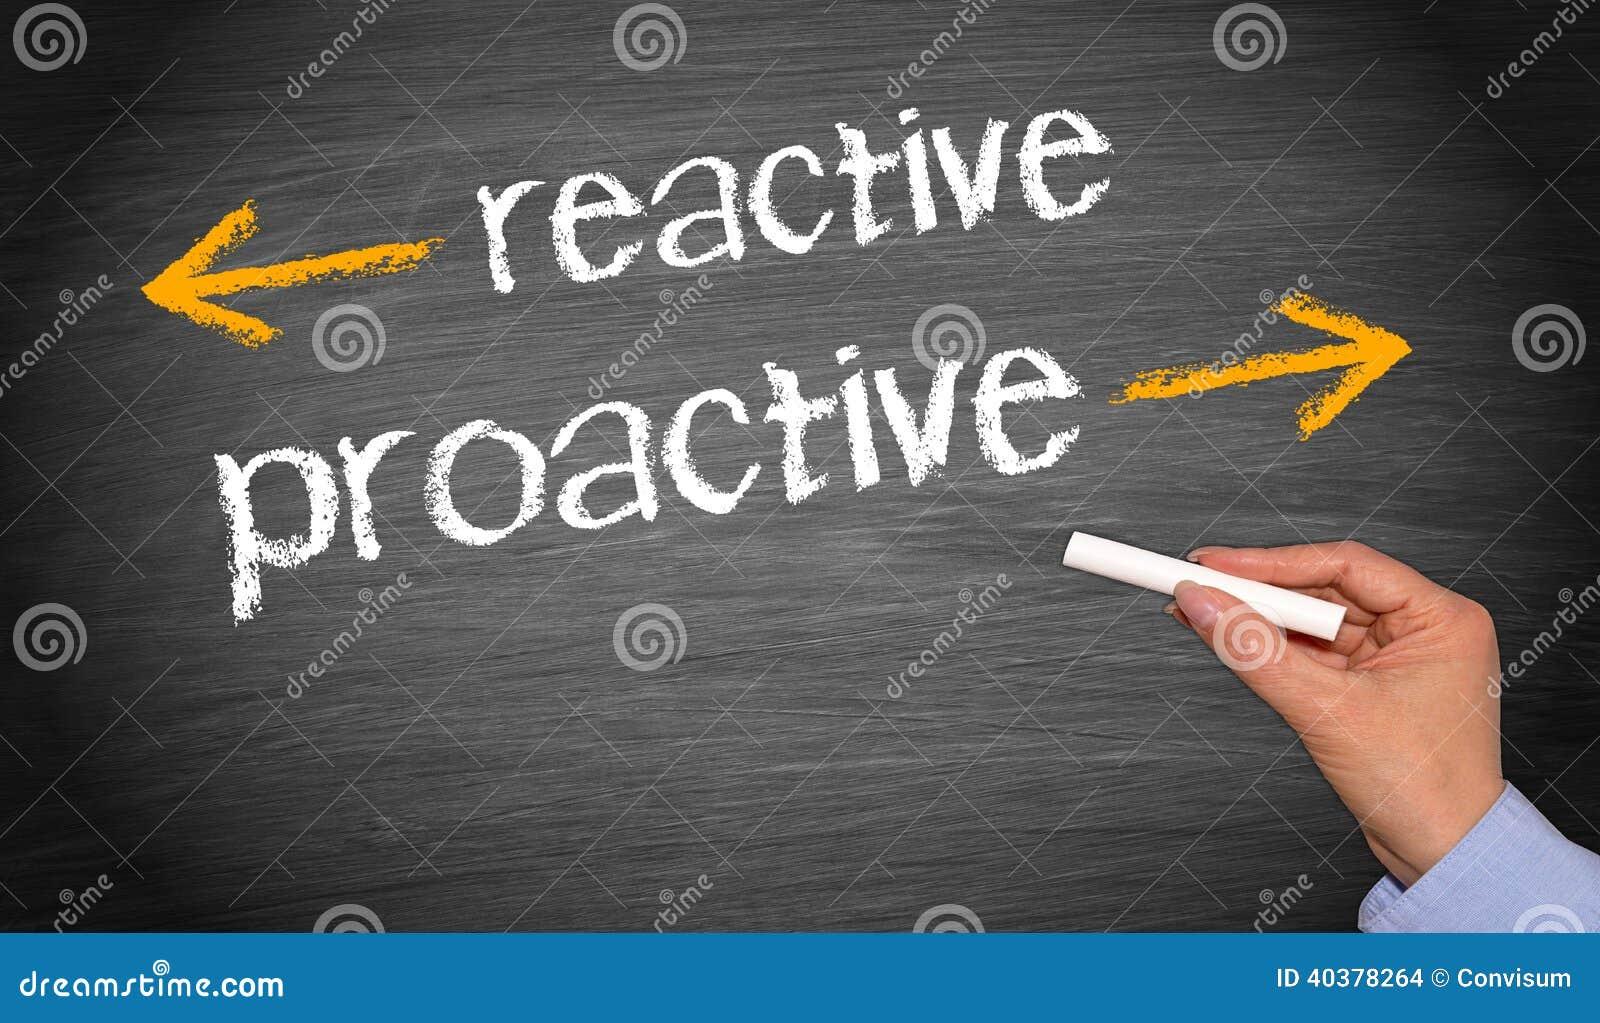 Återverkande vs proaktivt